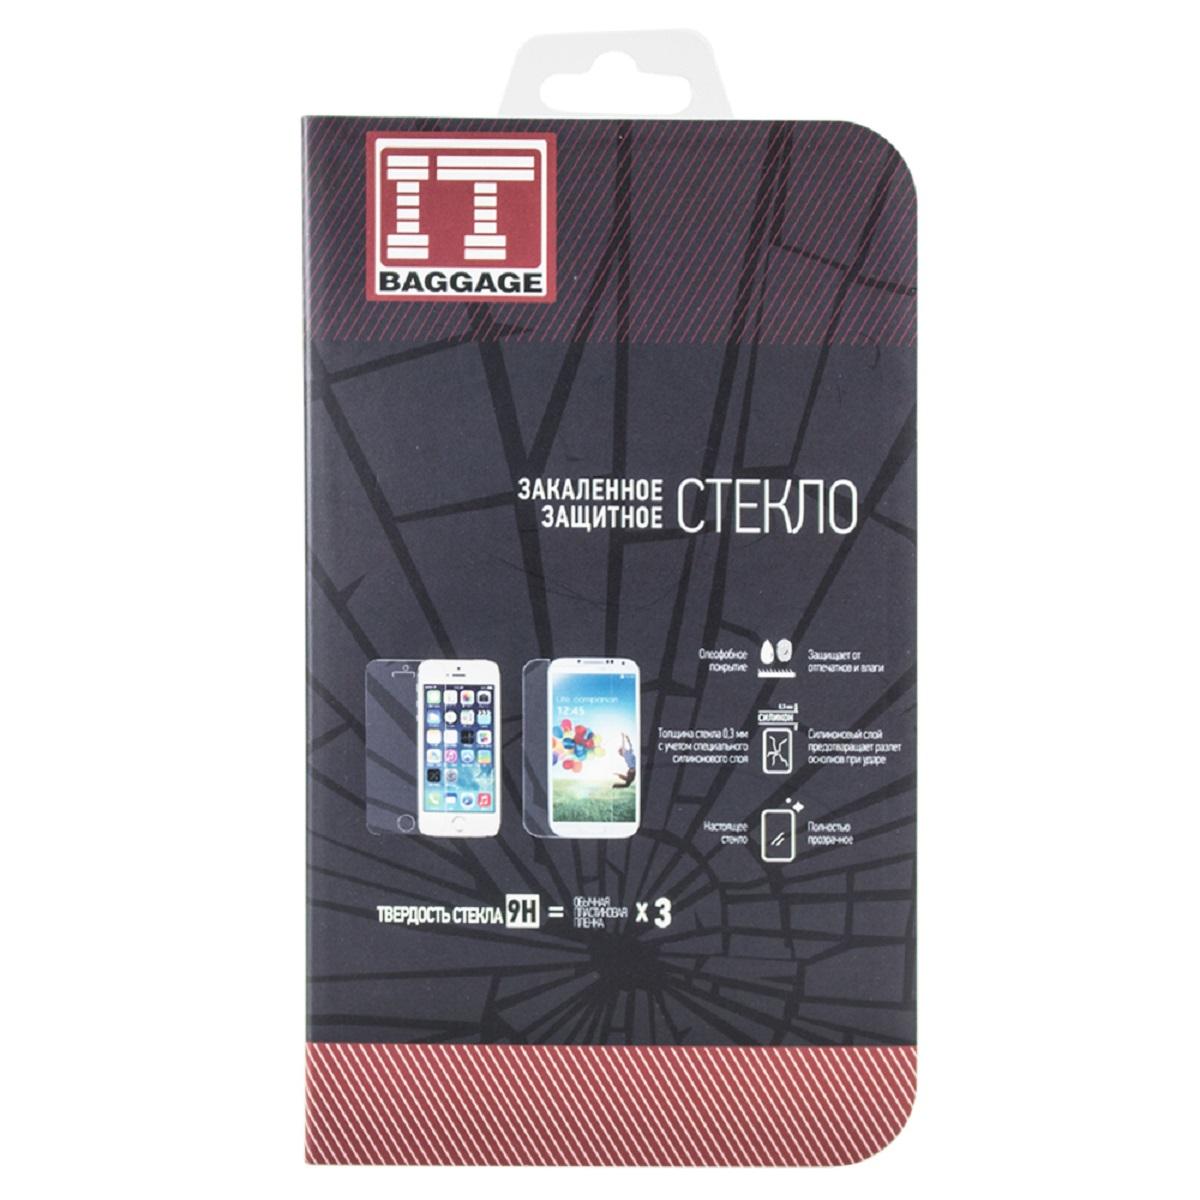 IT Baggage защитное стекло для Asus ZenFone 3 Laser ZC551KLITASZC551KLGЗащитное стекло IT BAGGAGE надежно защищает смартфон от случайных ударов и царапин, а так же от внешних воздействий, грязи, пыли.